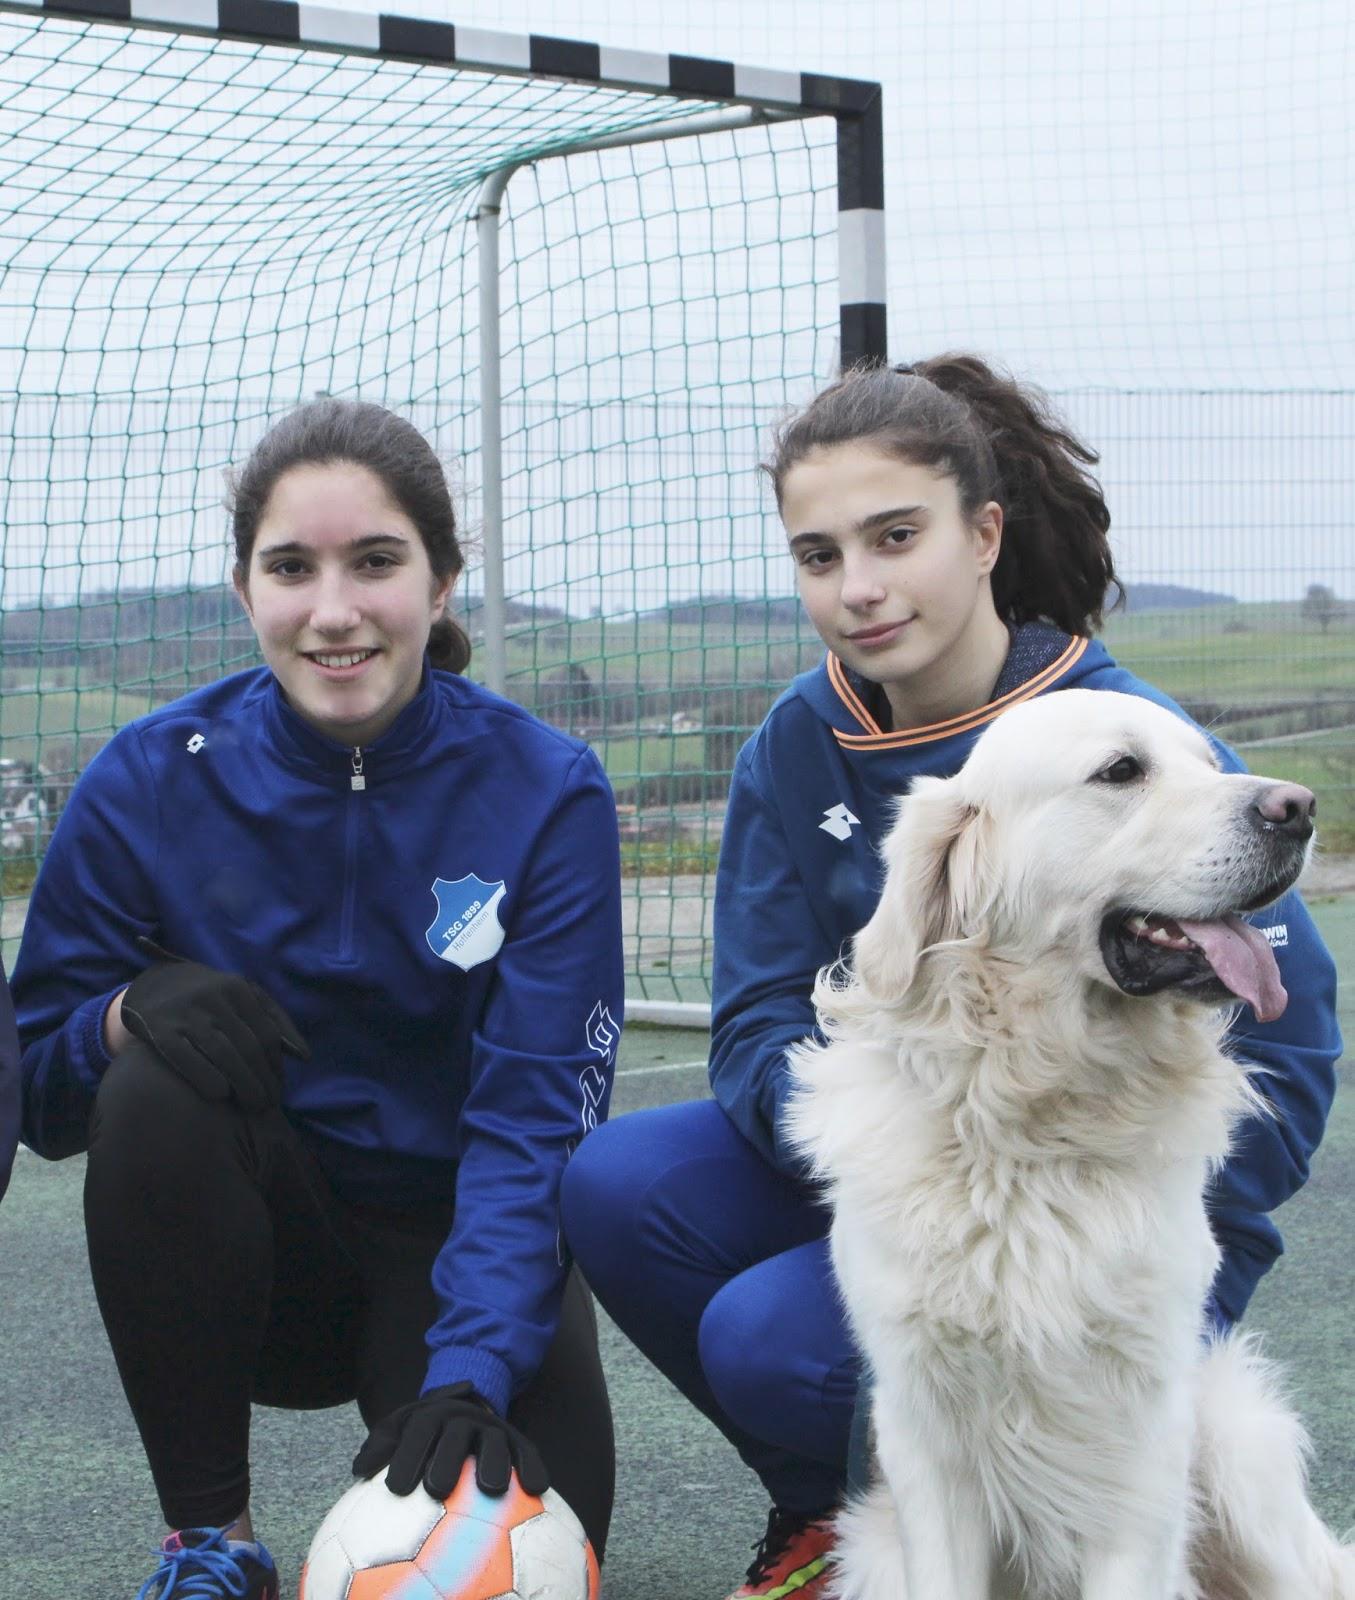 Telekom Sport Paket: Sophie und Clara auf dem Fussballplatz in Hoffenheim